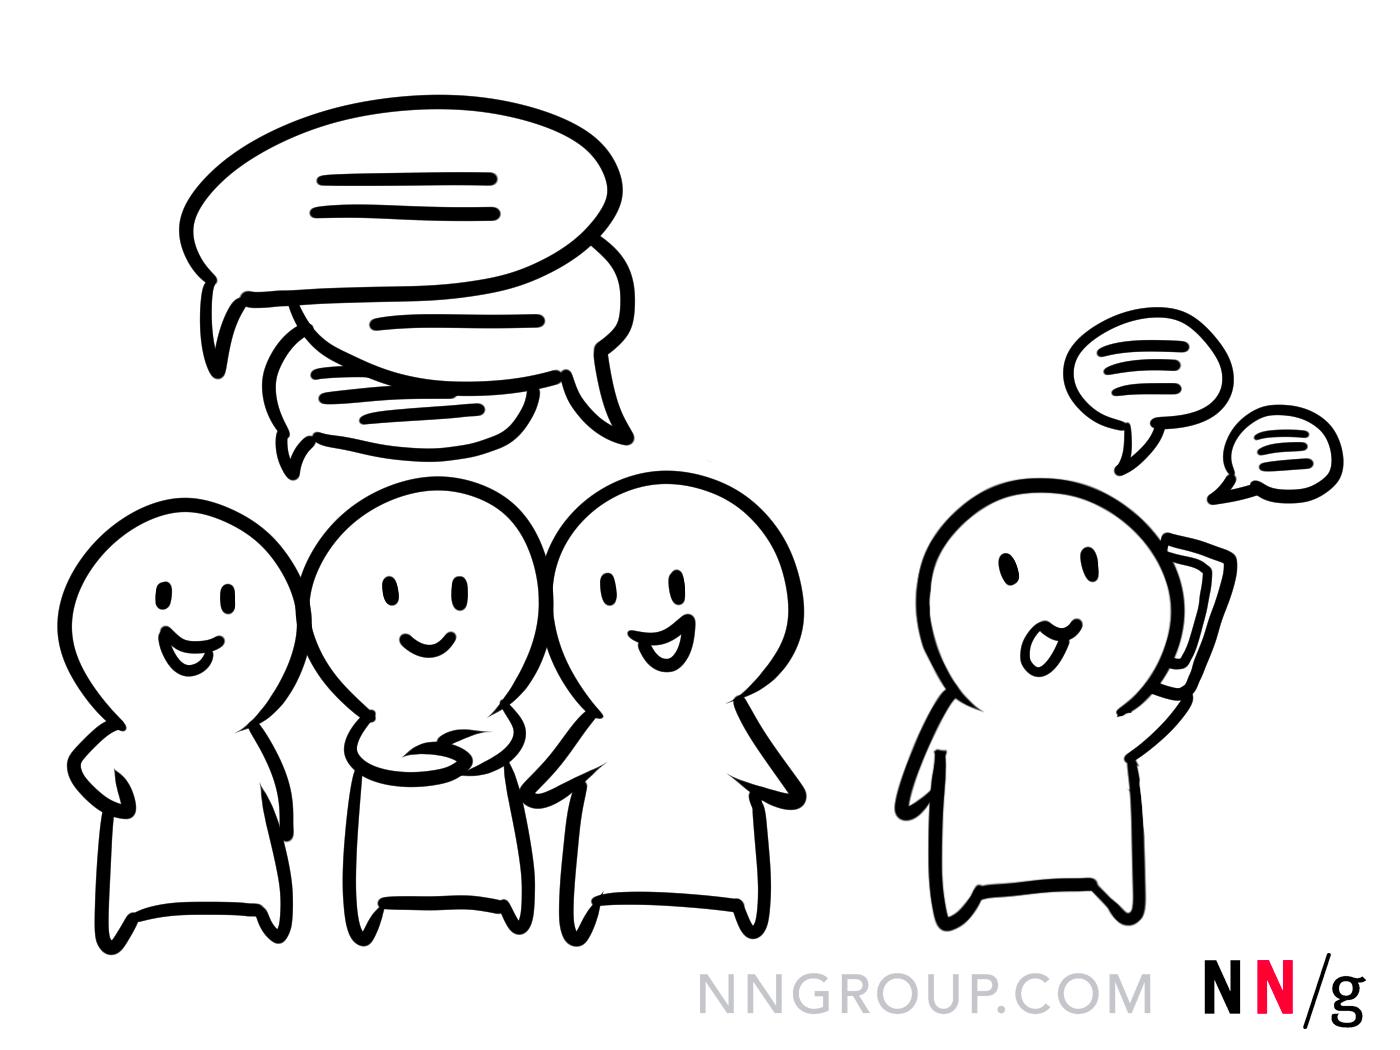 一个队友在电话上交谈,而其他人则在讨论想法。